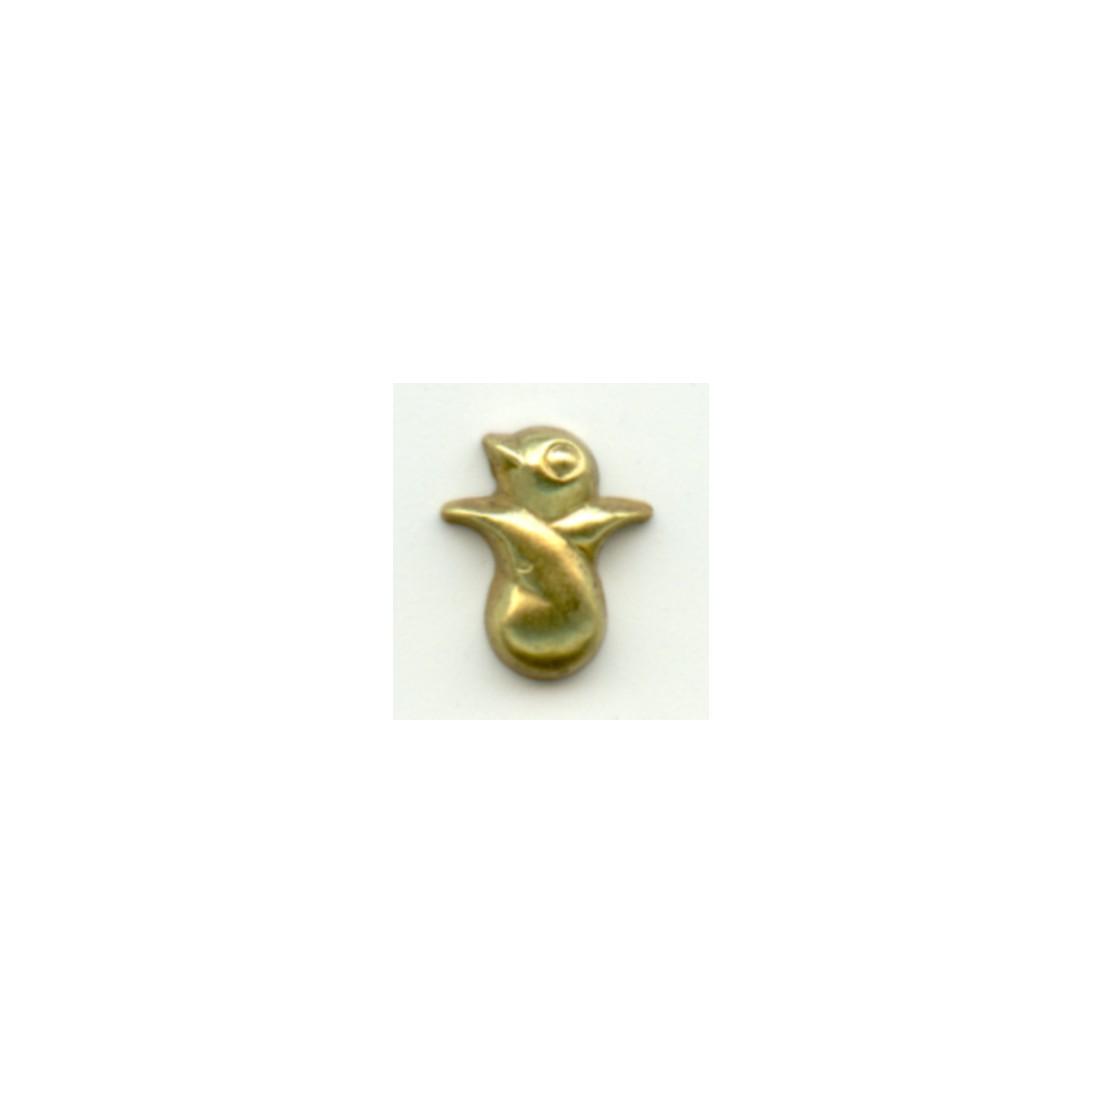 estampaciones para fornituras joyeria fabricante oro mayorista cordoba ref. 470152